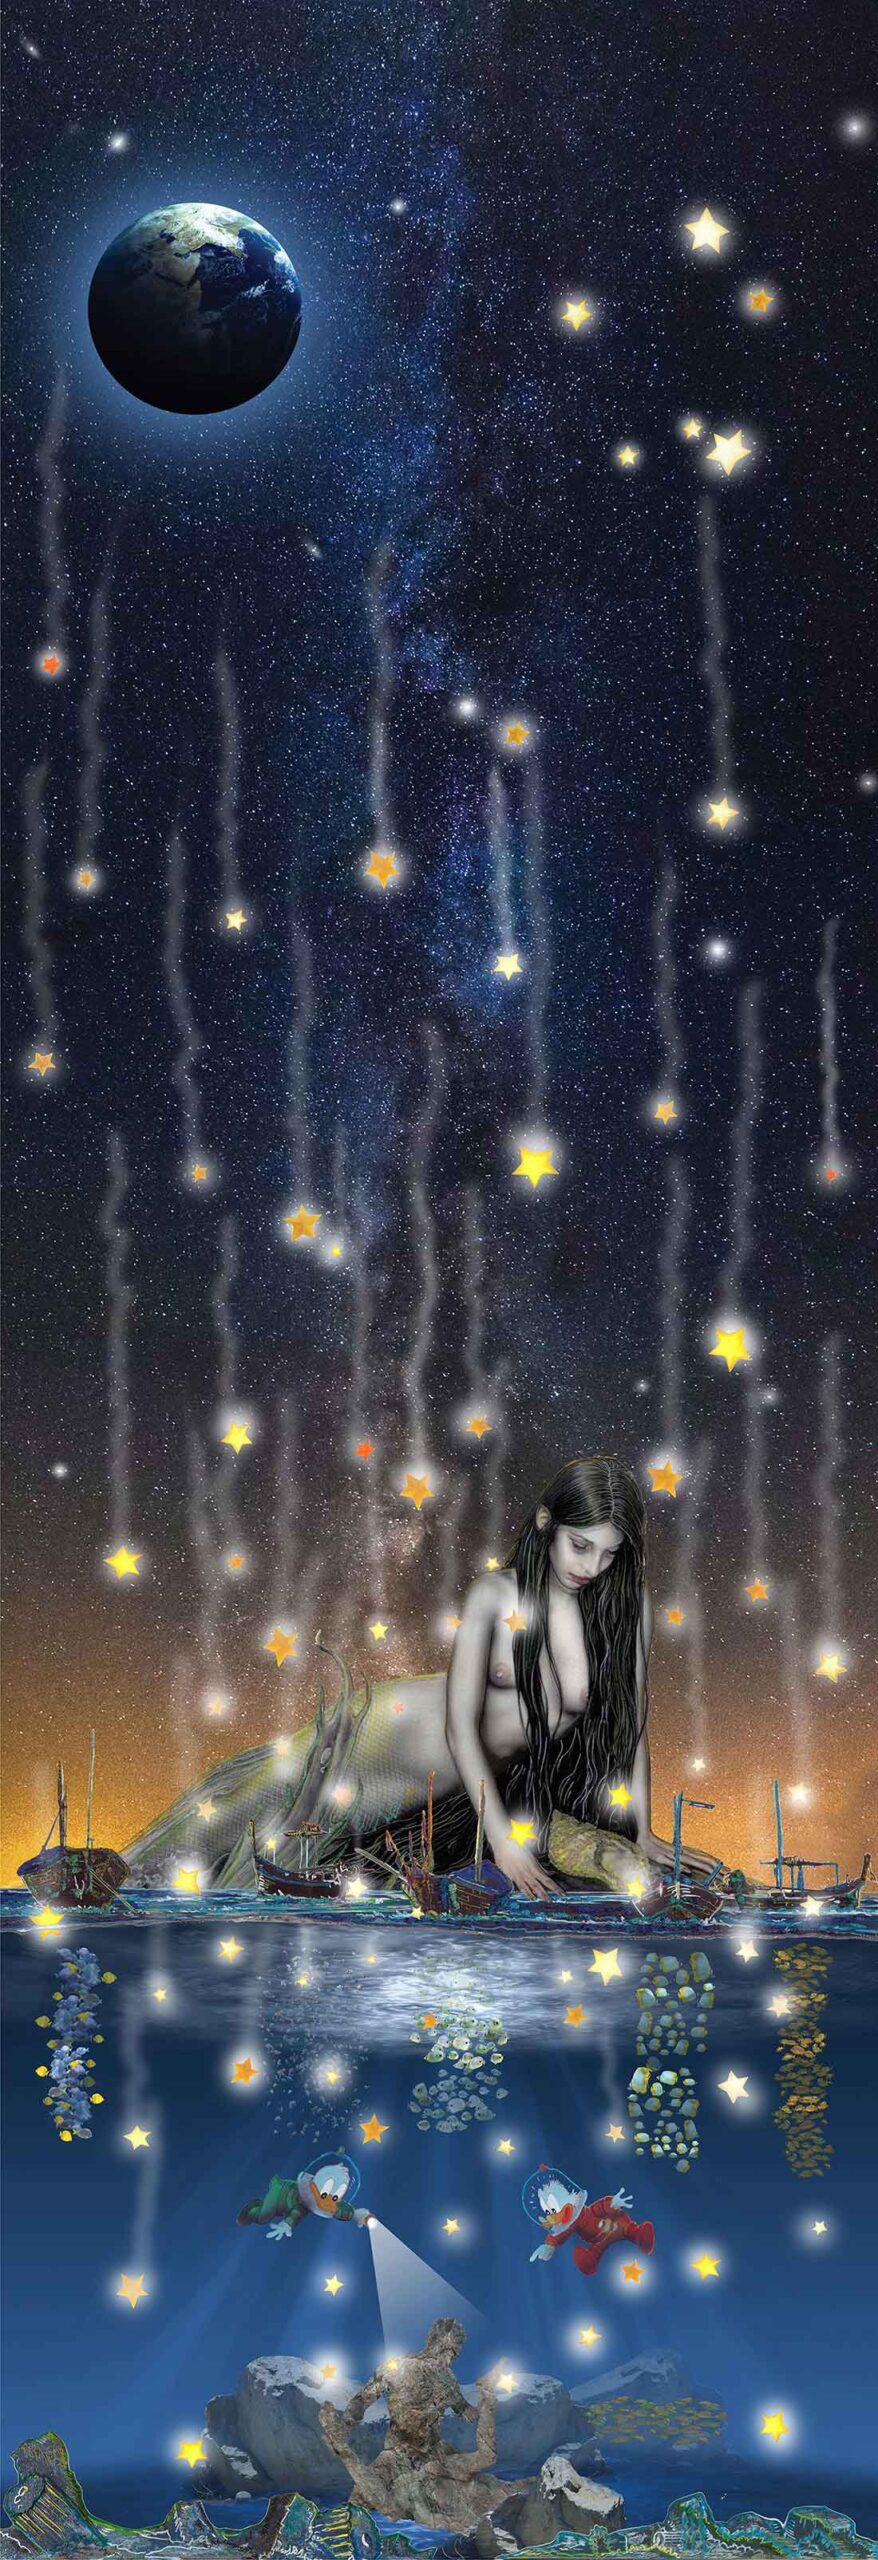 Le stelle ci amano